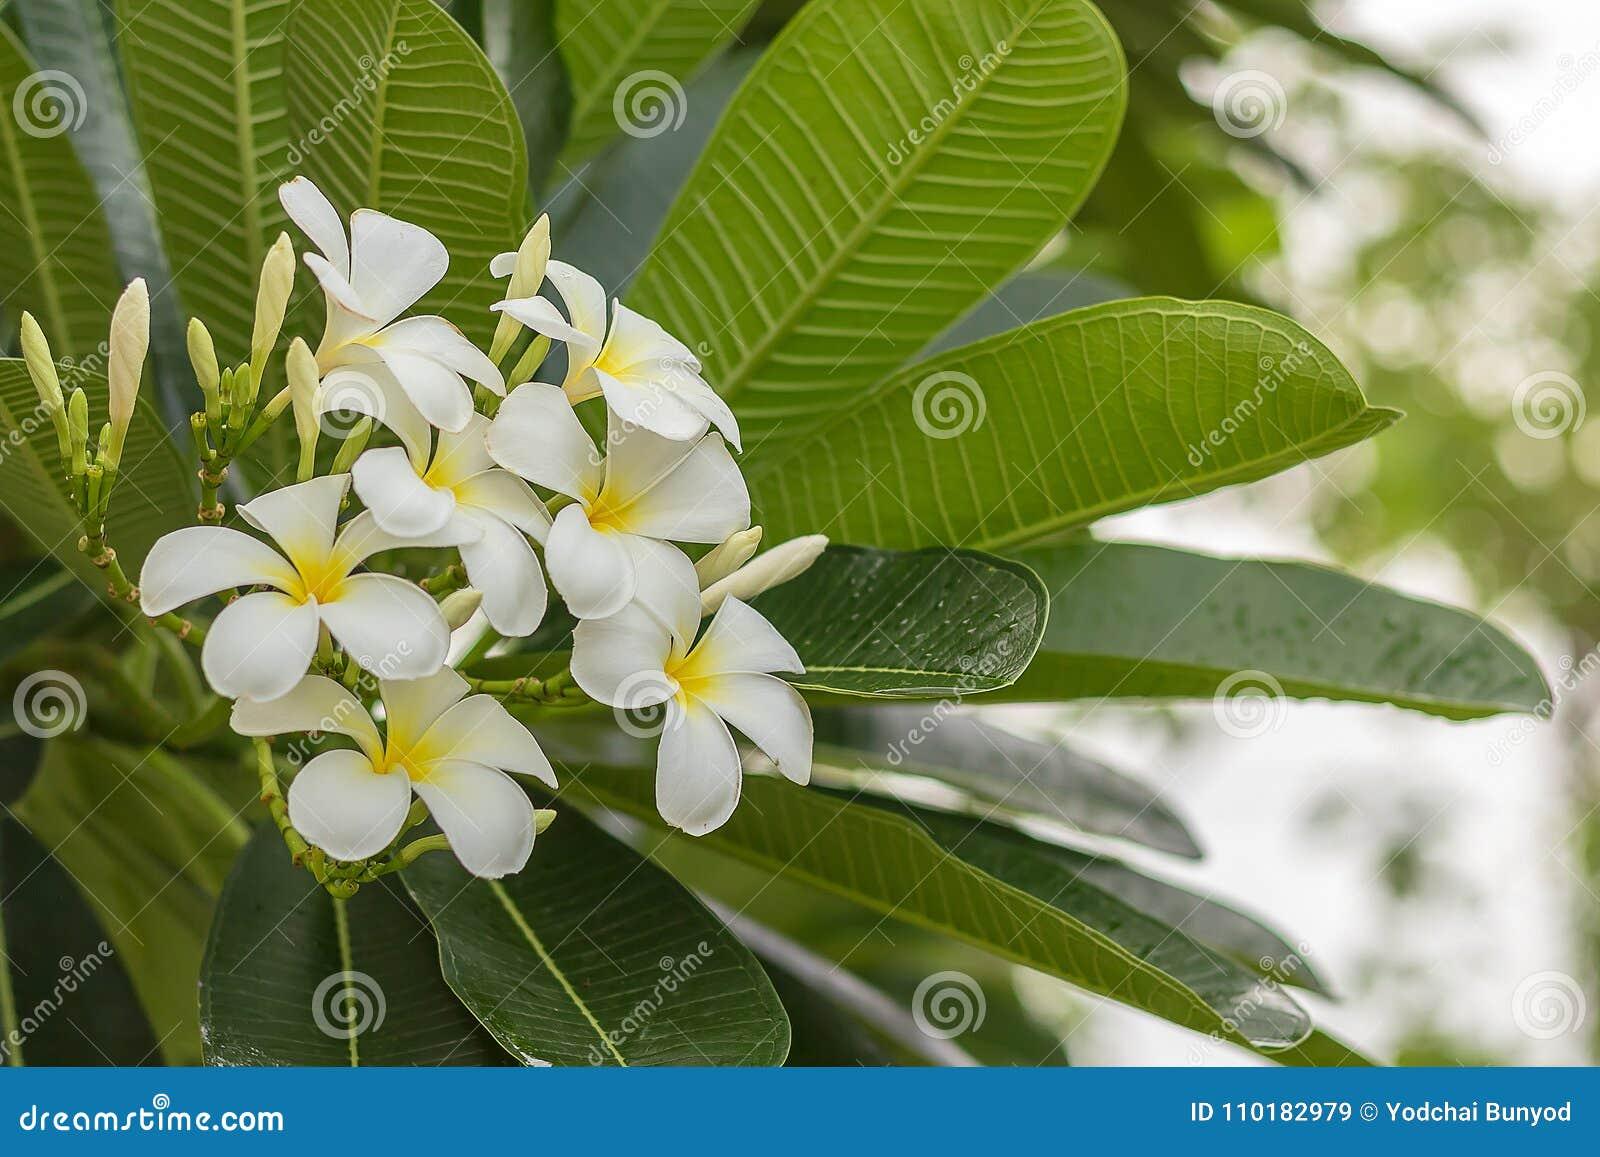 La plumeria fresca fiorisce, fragran giallo bianco delle fioriture del fiore altamente